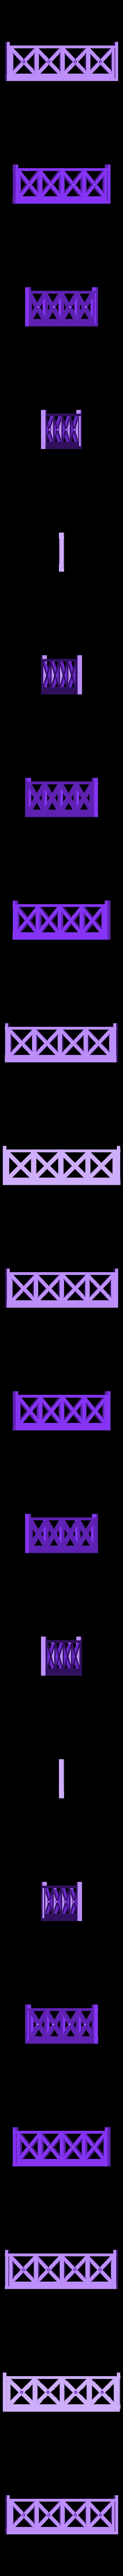 bridge_rail1.stl Télécharger fichier STL gratuit Ripper's London - The (Modular) Factory • Modèle pour imprimante 3D, Earsling